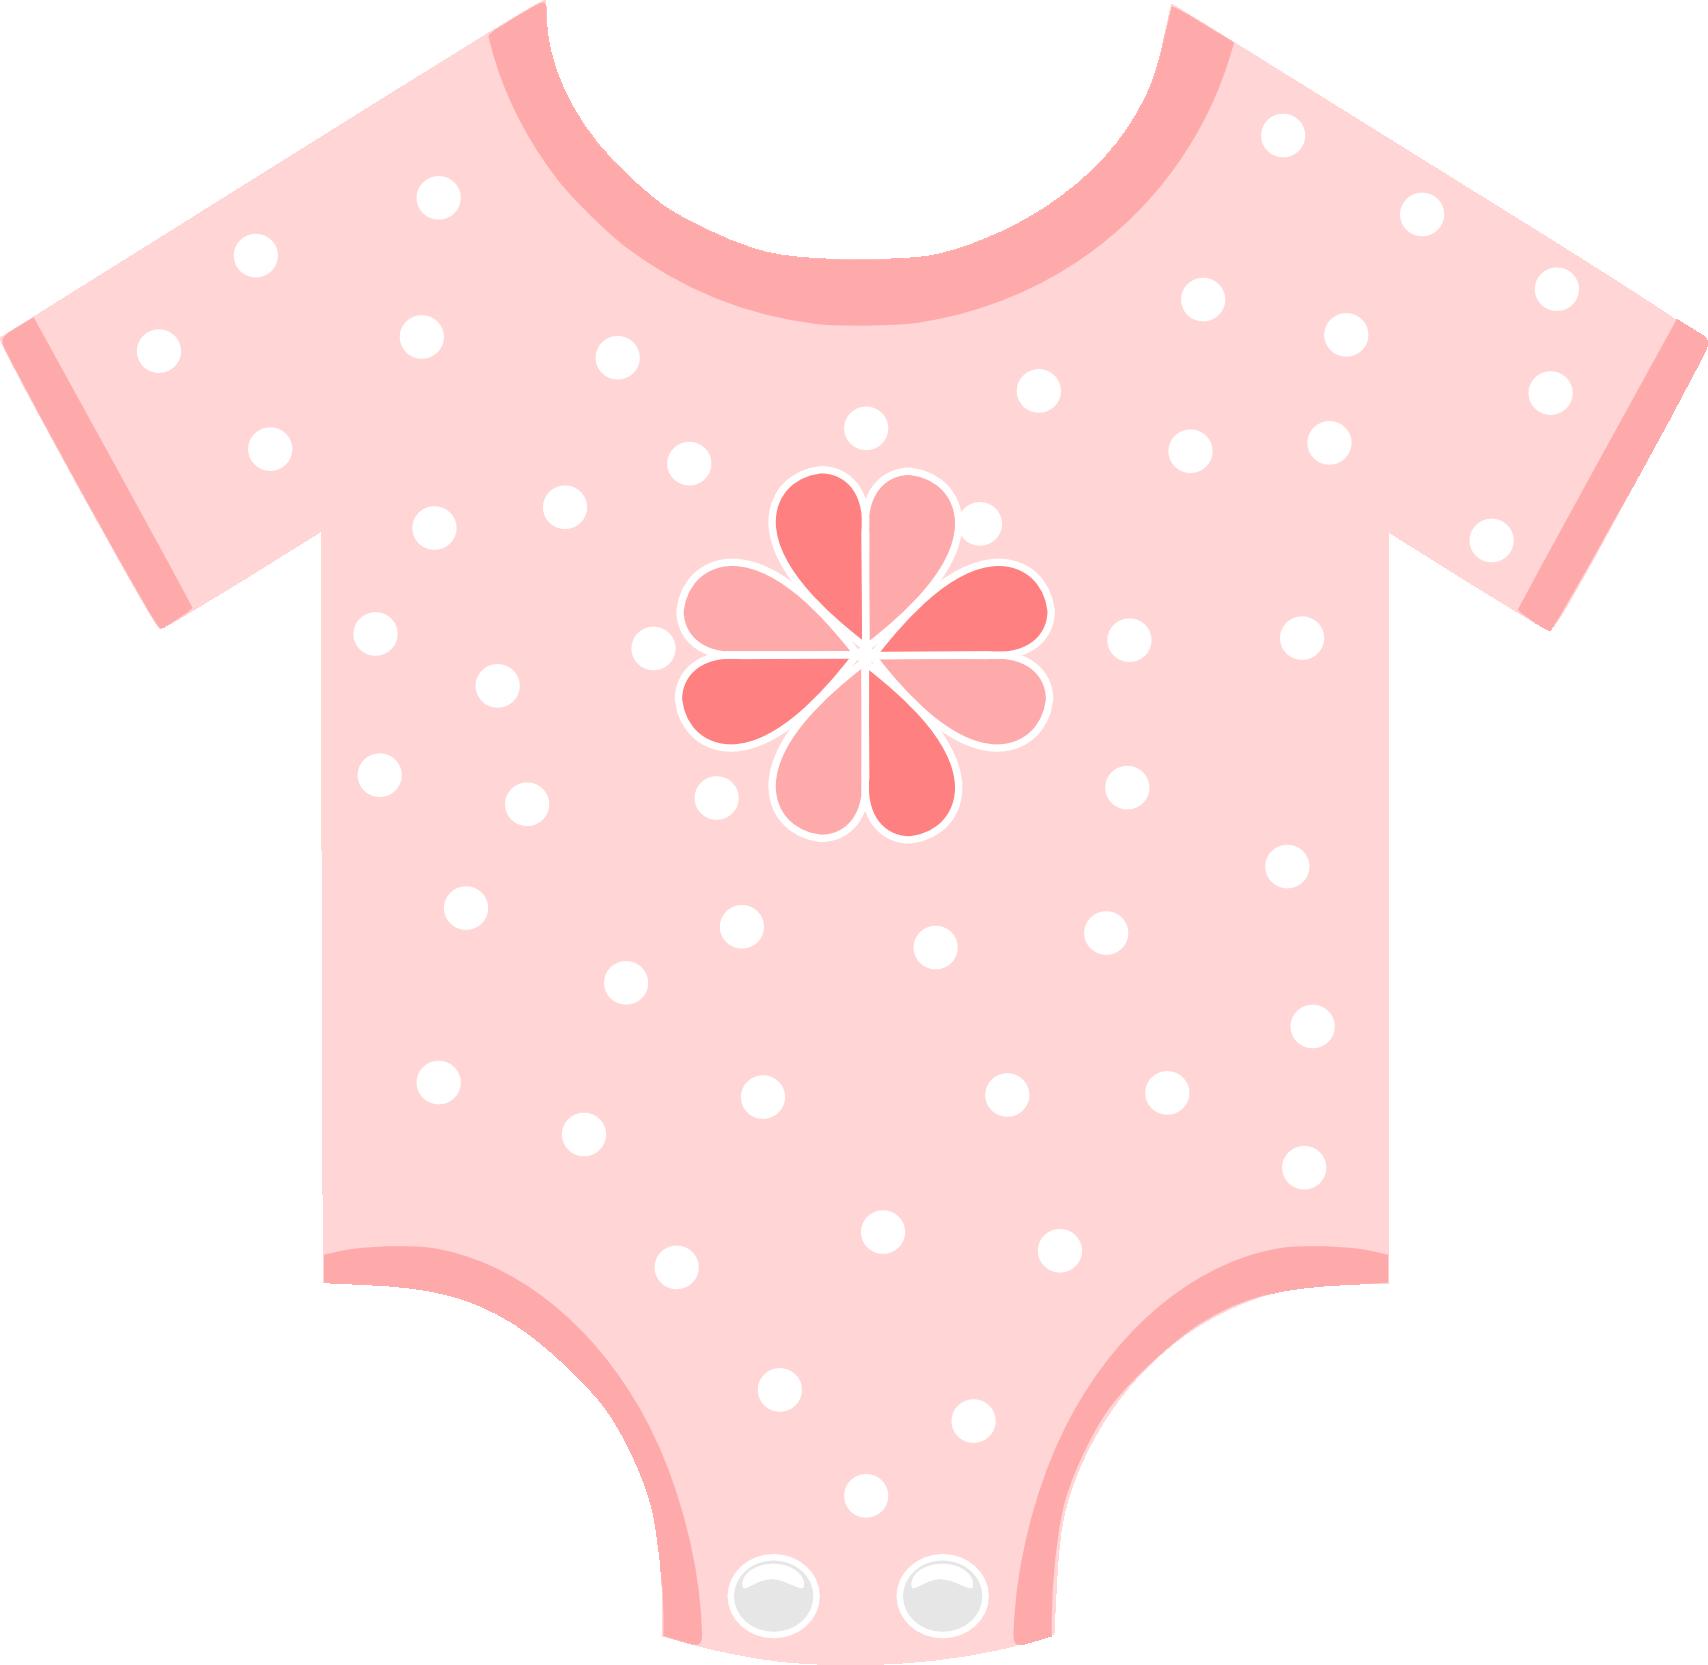 pin de marina em ch de beb iv pinterest ch s de beb ch s e beb s. Black Bedroom Furniture Sets. Home Design Ideas